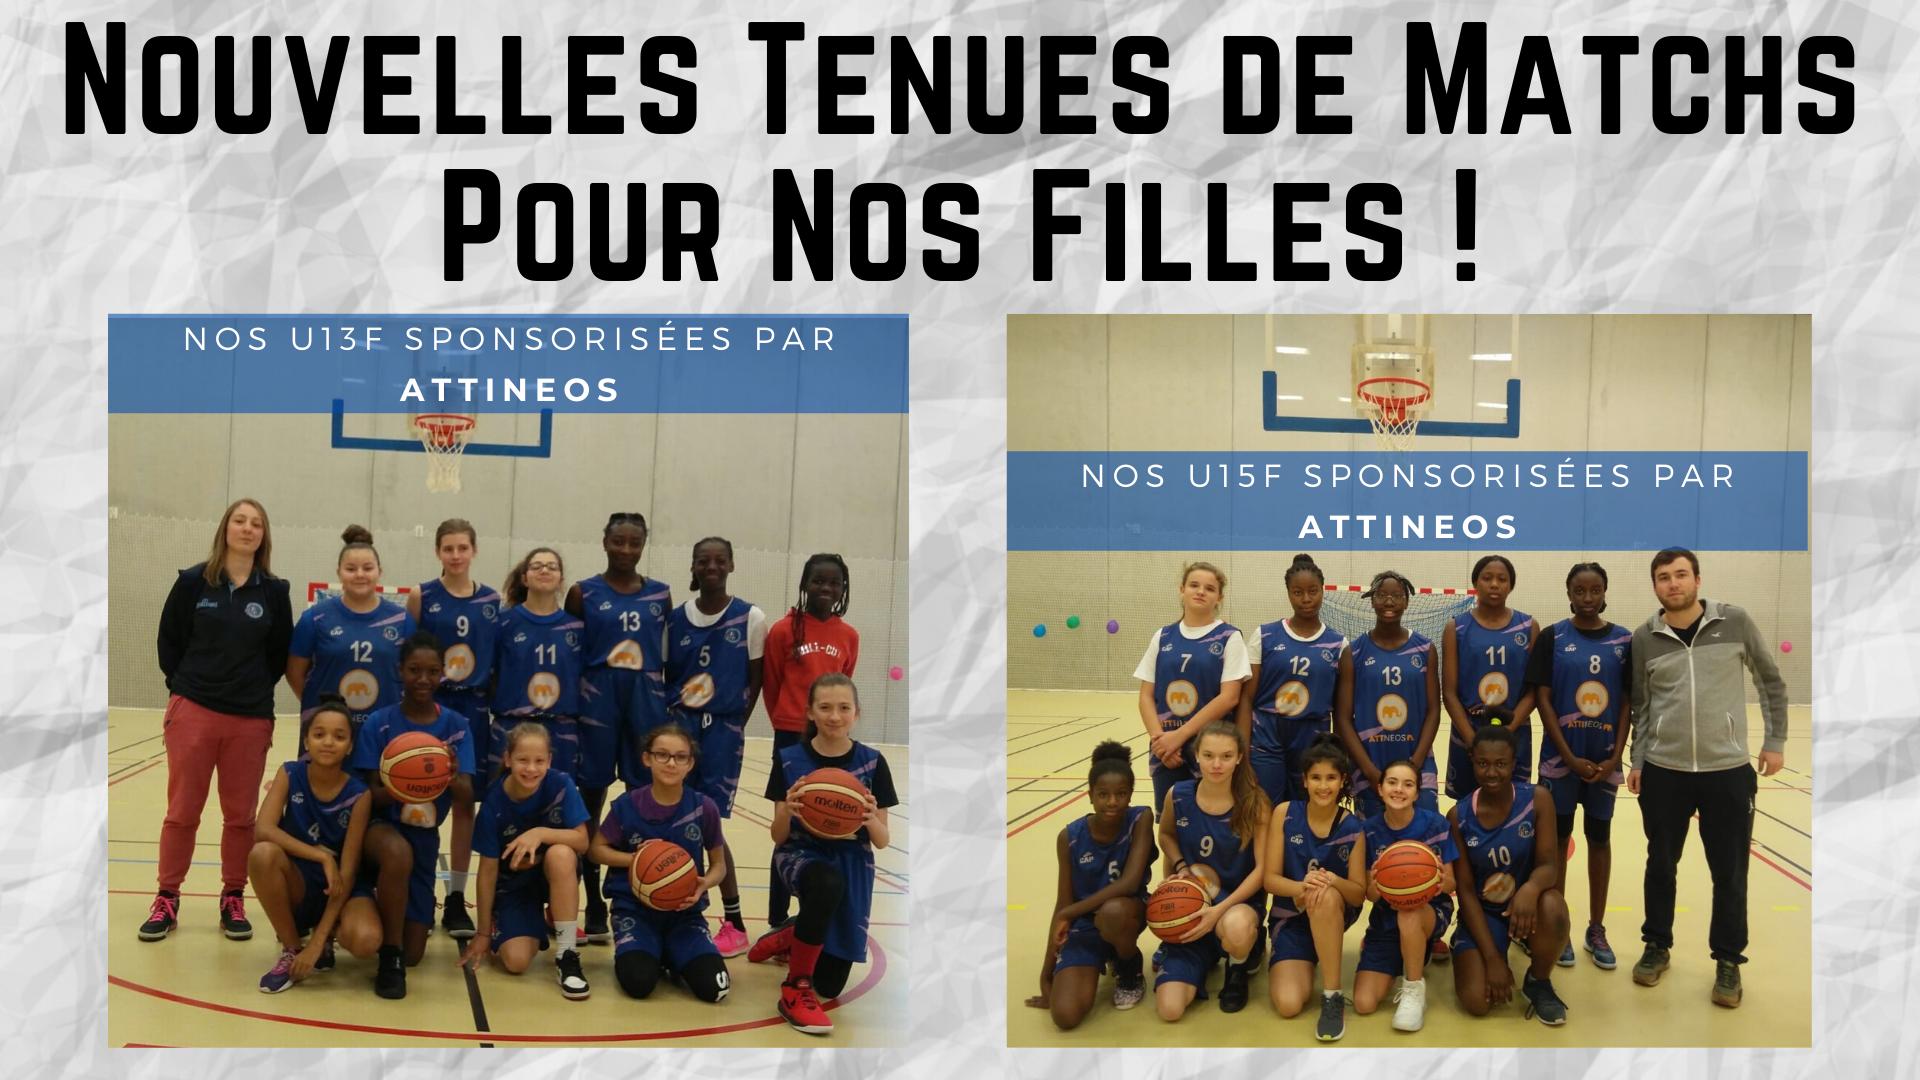 Le CORE Basket tient à remercier ATTINEOS pour son aide et ses nouvelles tenues pour nos U13 et U15 féminines.